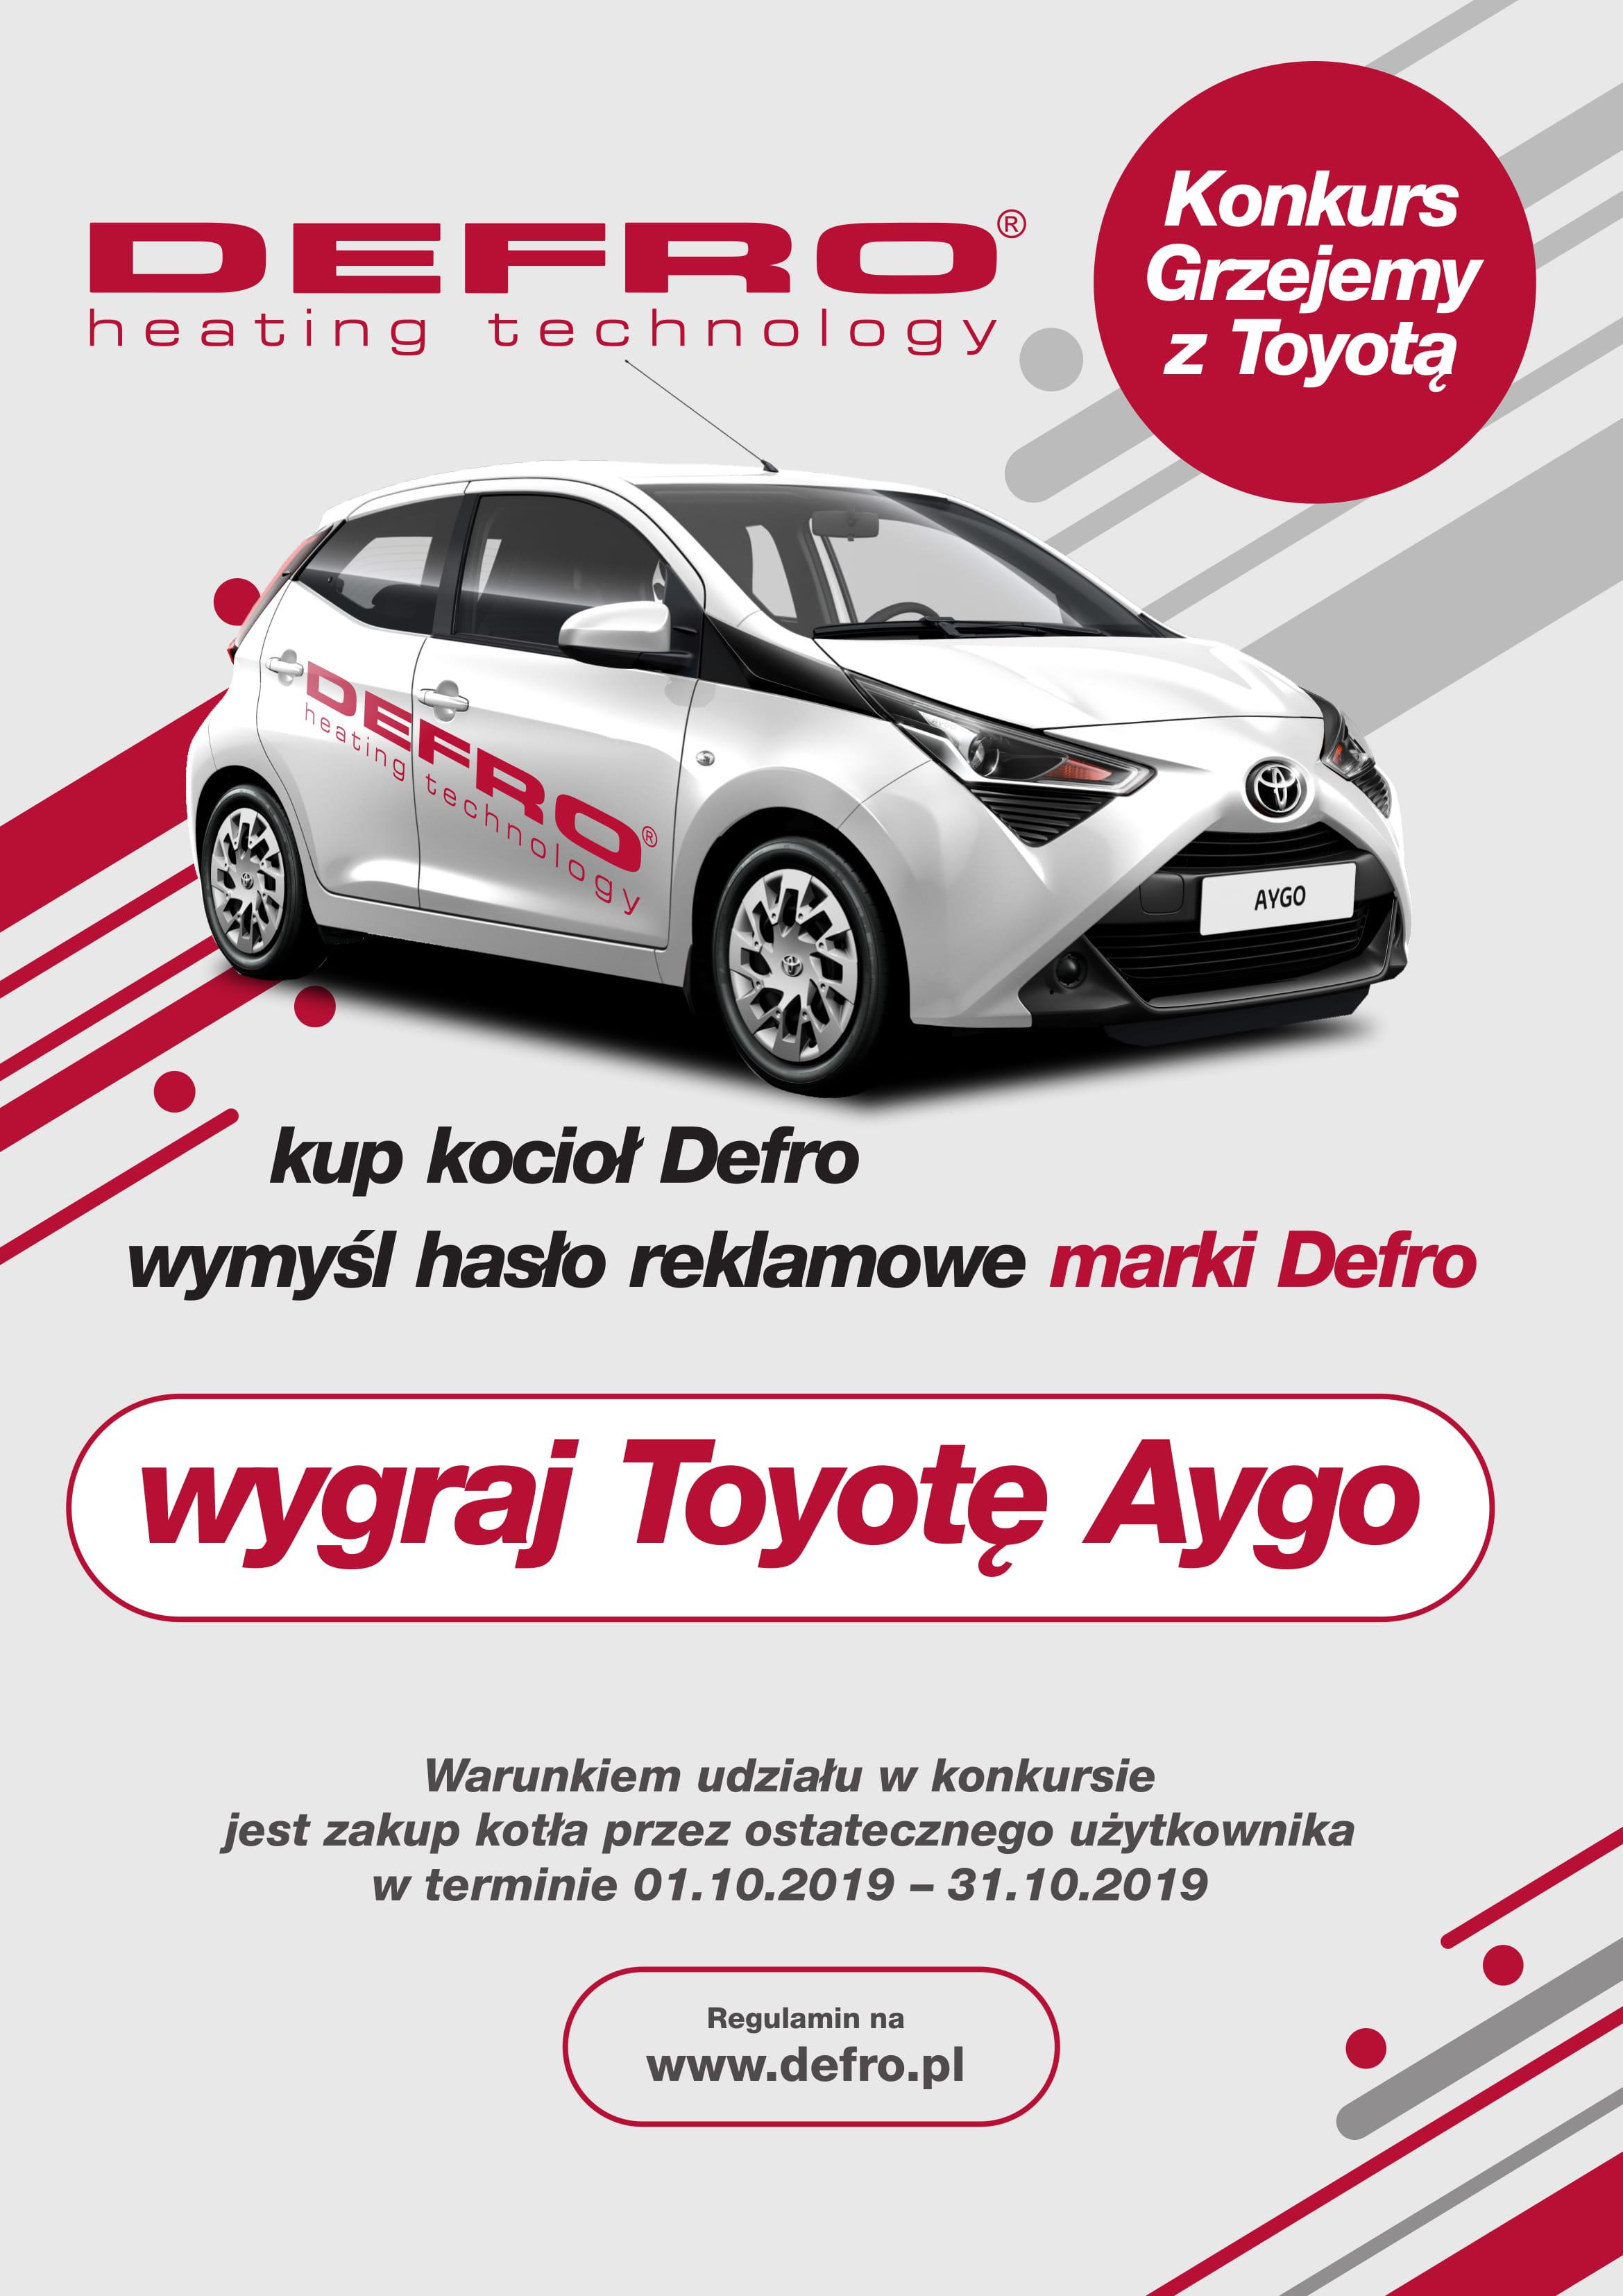 DEFRO - Konkurs Grzejemy z Toyotą